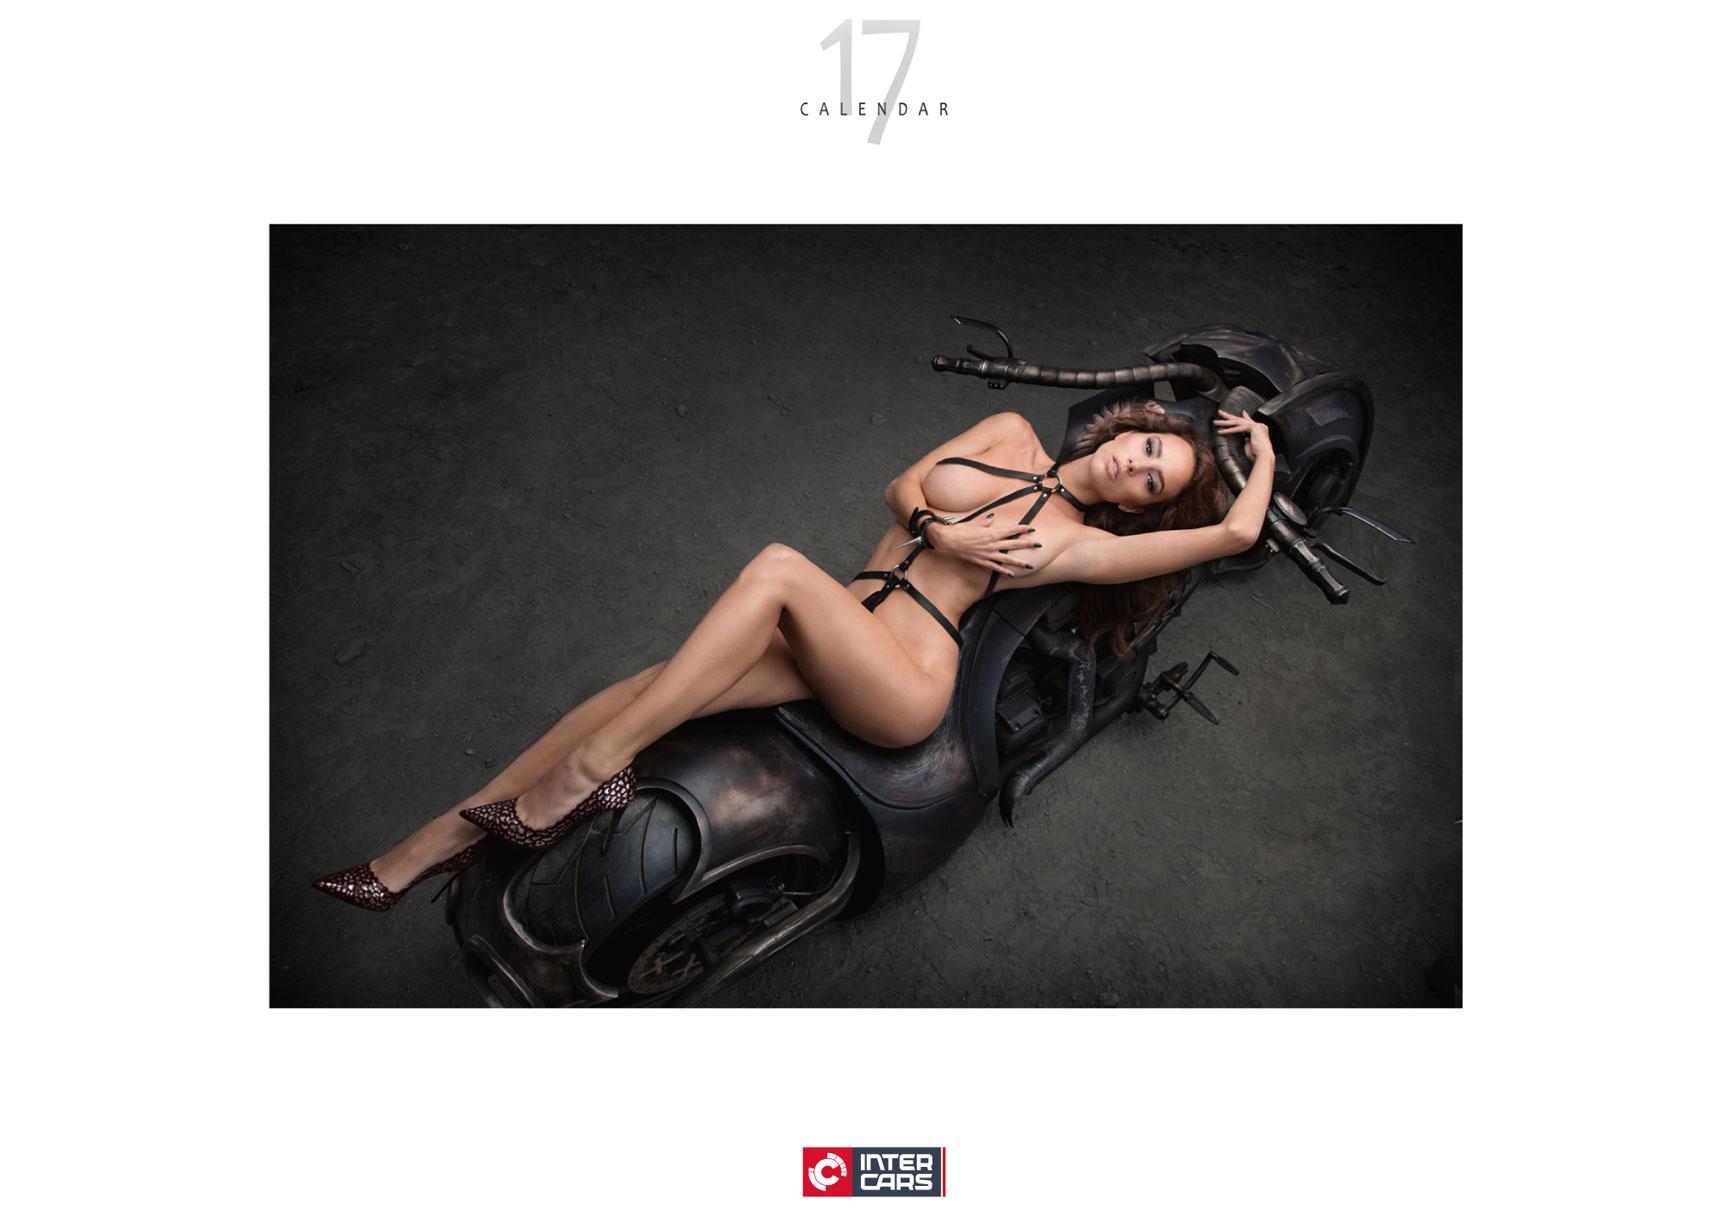 Inter Cars SA 2017 sexy calendar